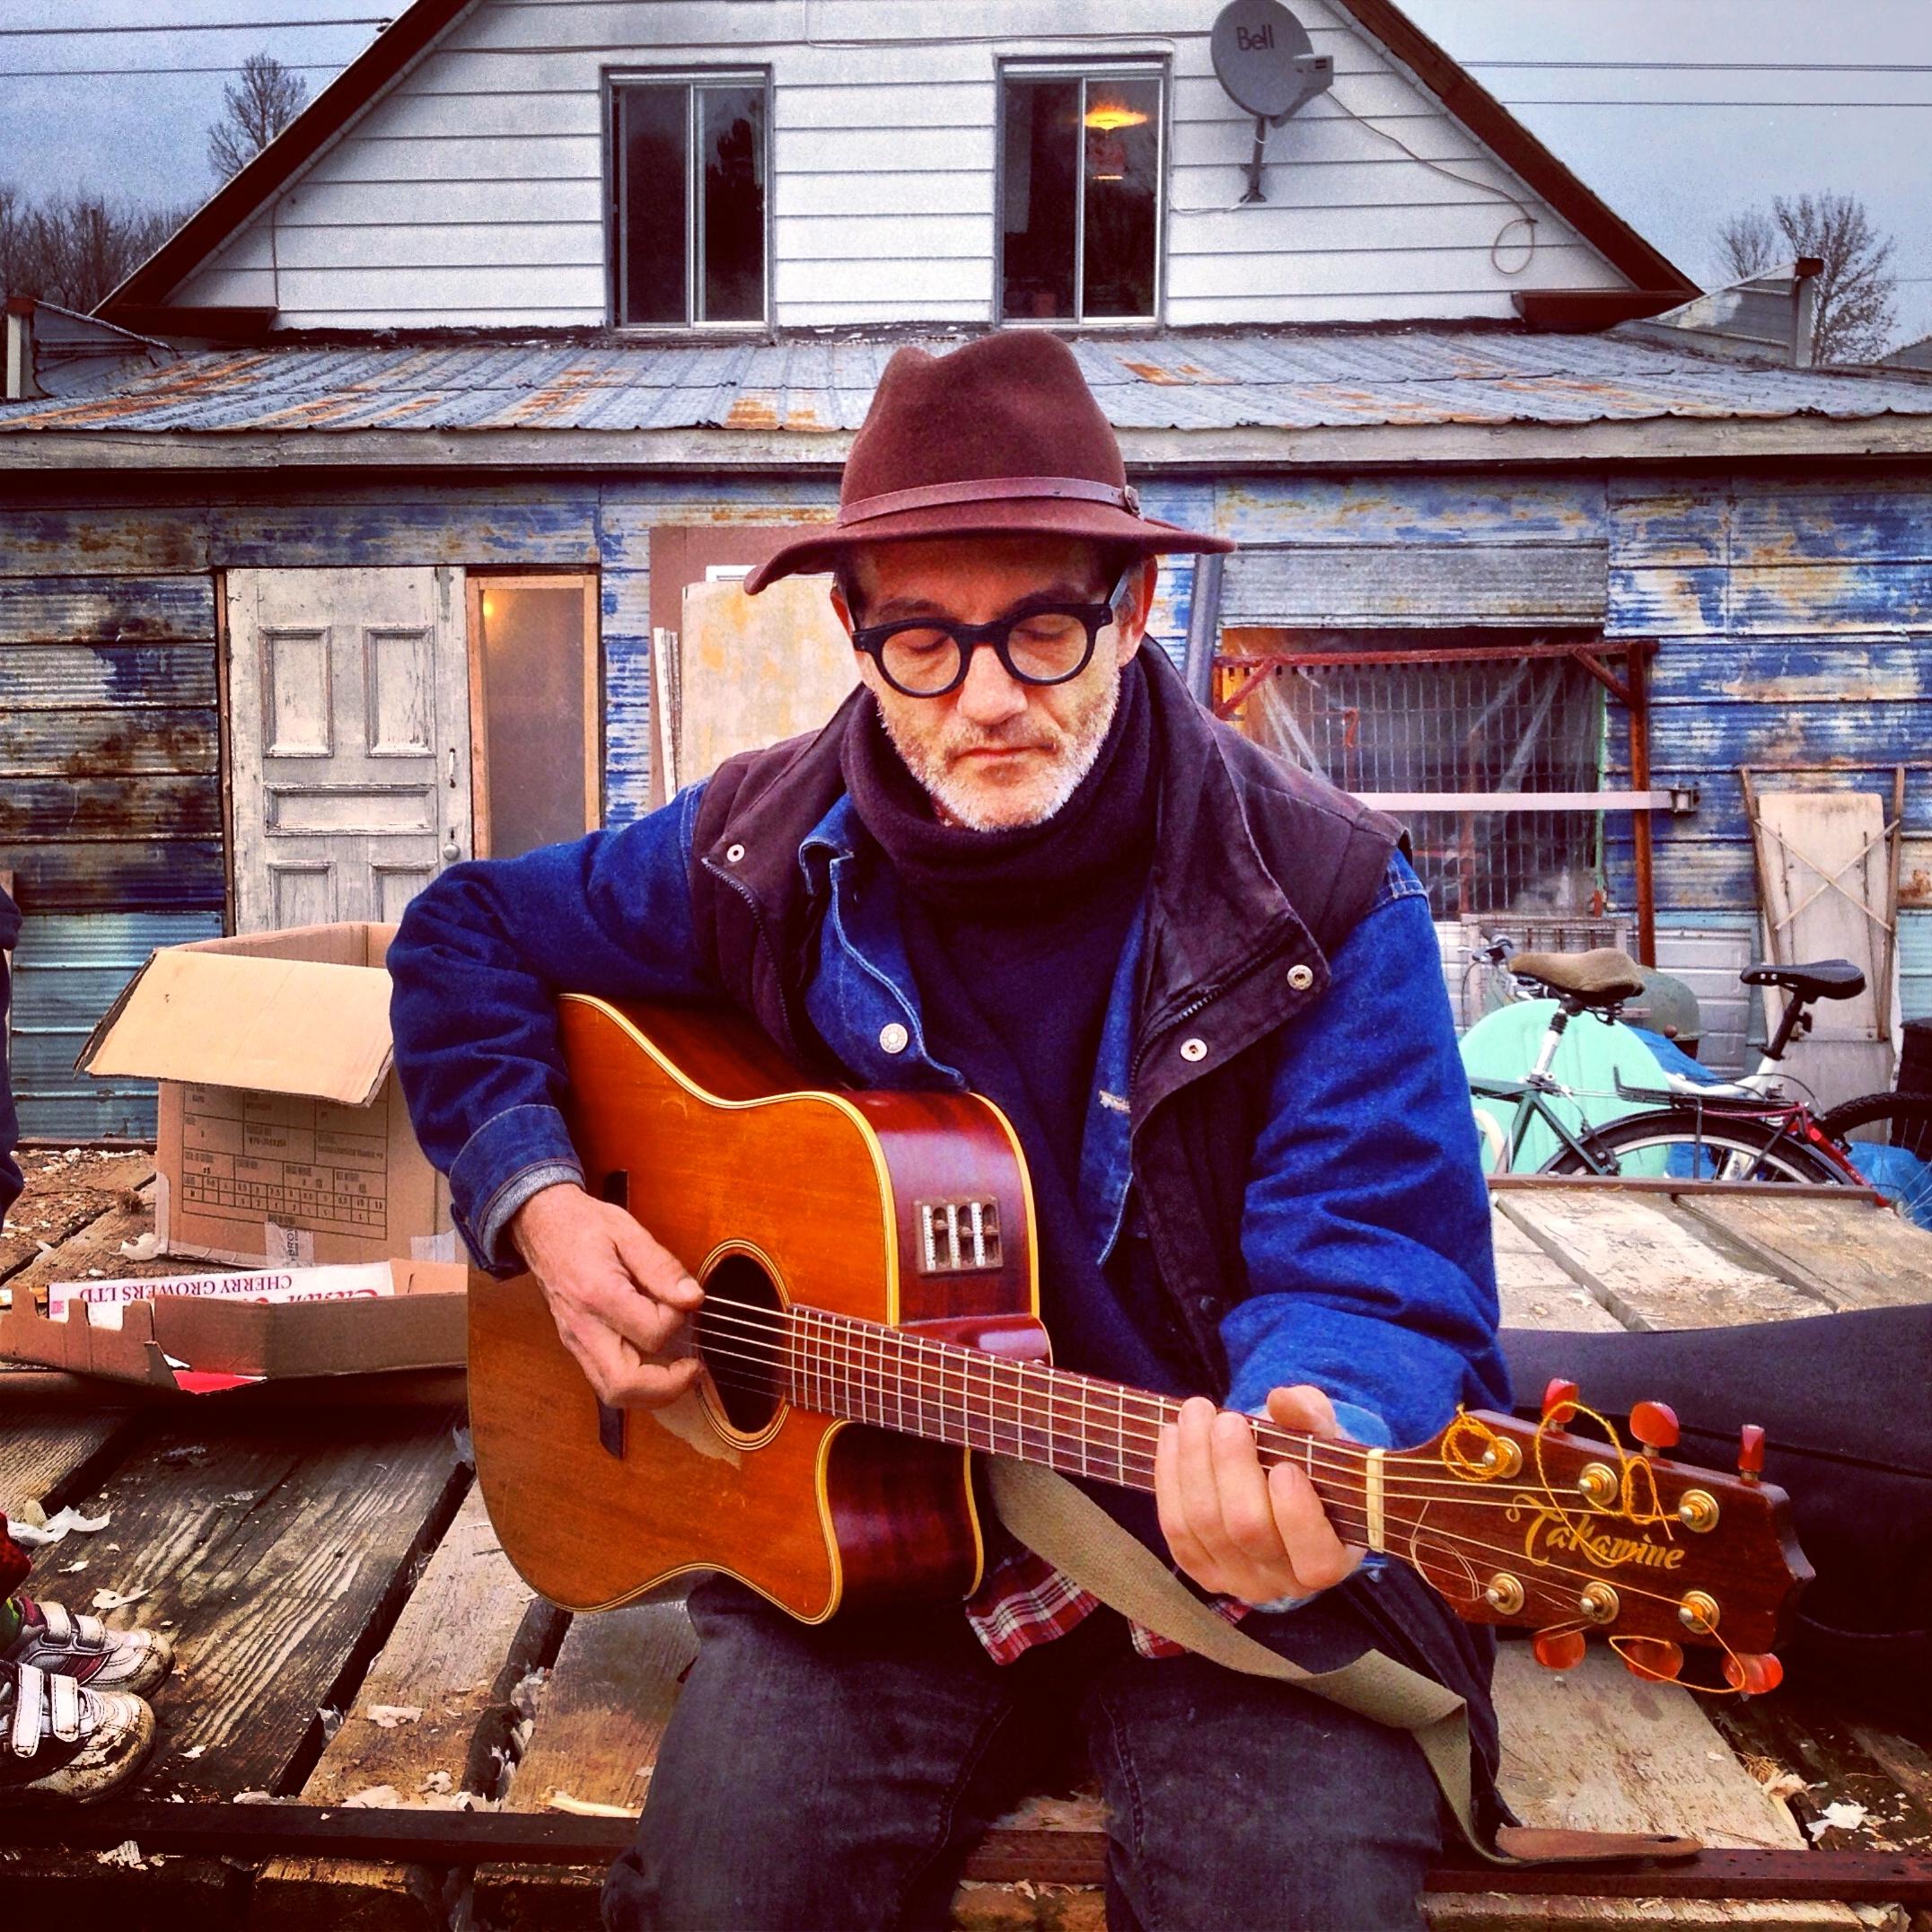 Serge Lavoie 'Jos Guitare' Photo: Marie-Josée Lemieux